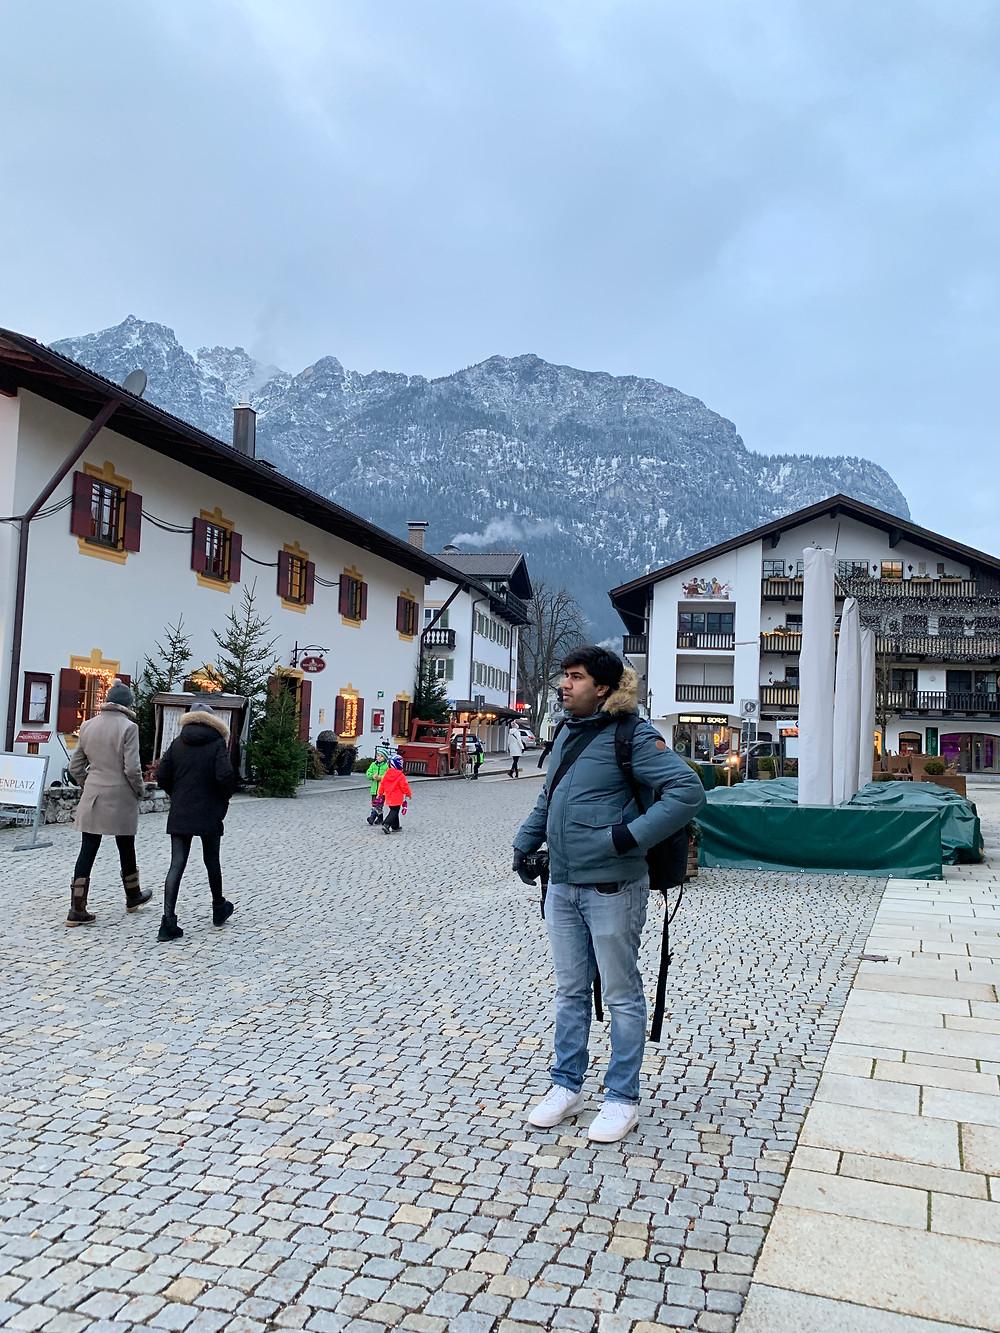 Garmisch in Bavaria, Germany